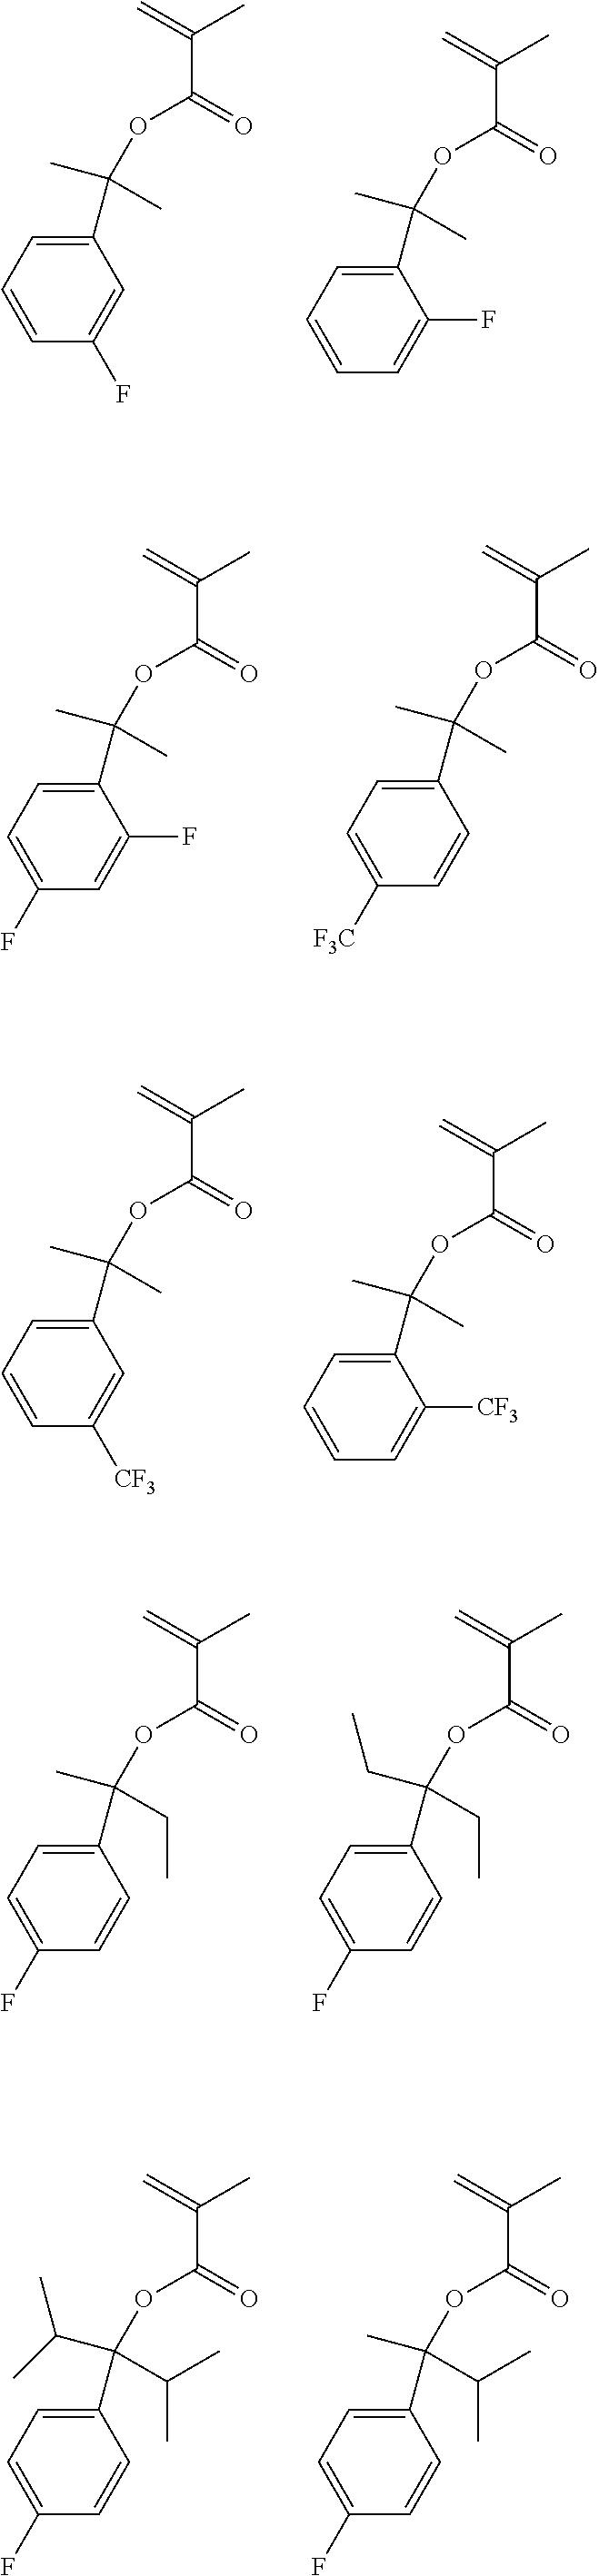 Figure US09040223-20150526-C00136